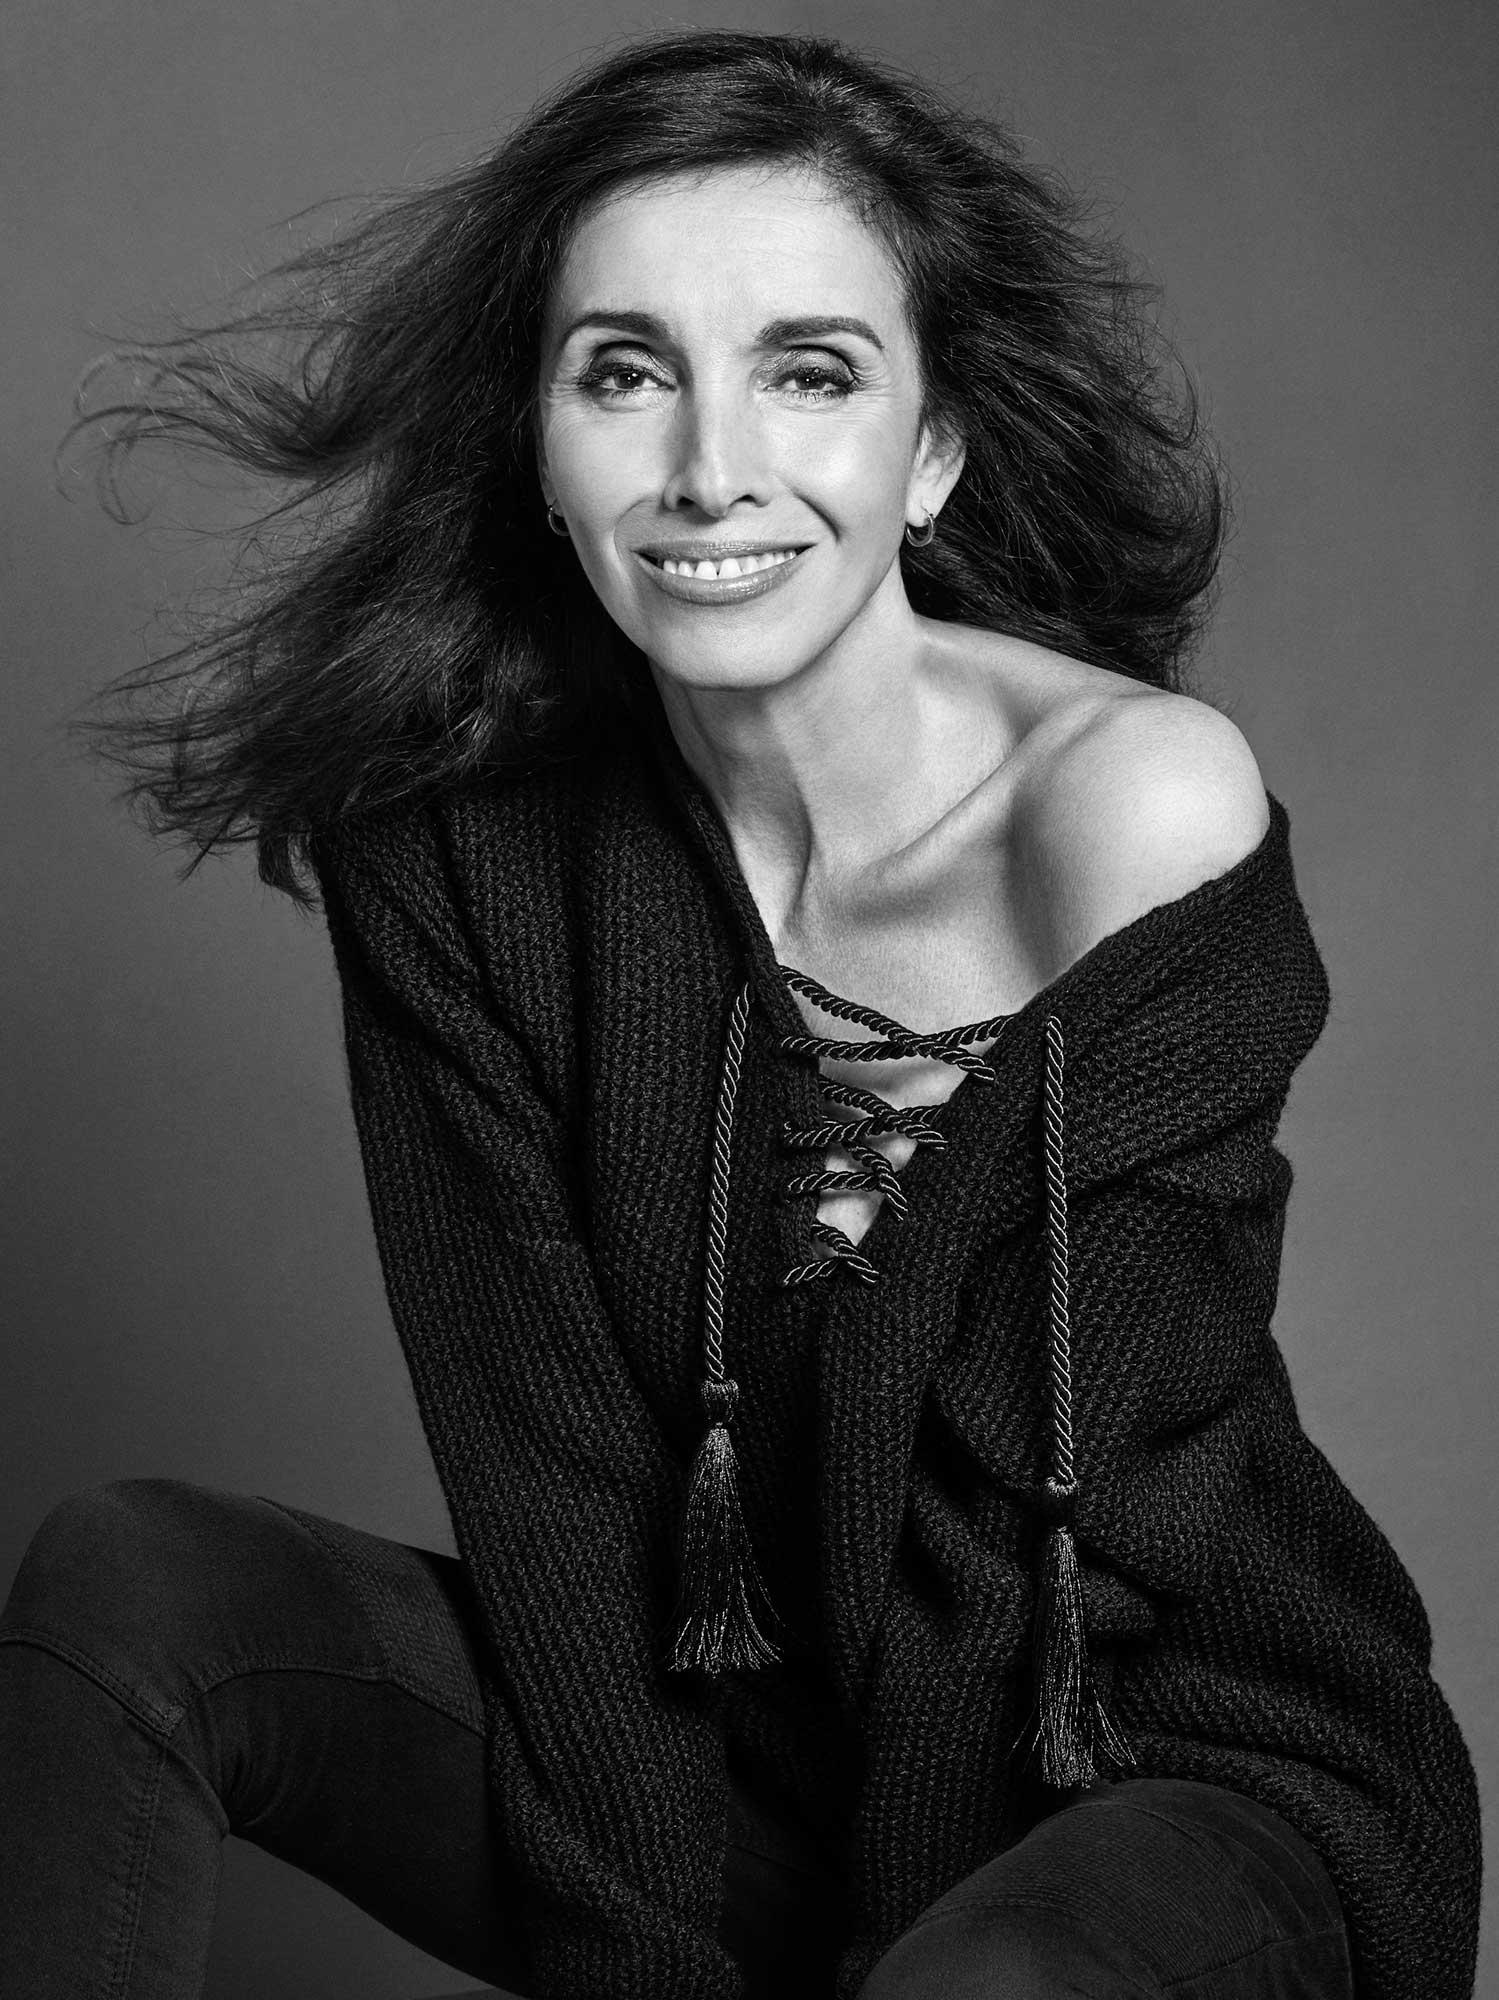 Ana Belen - Tomas De La Fuente